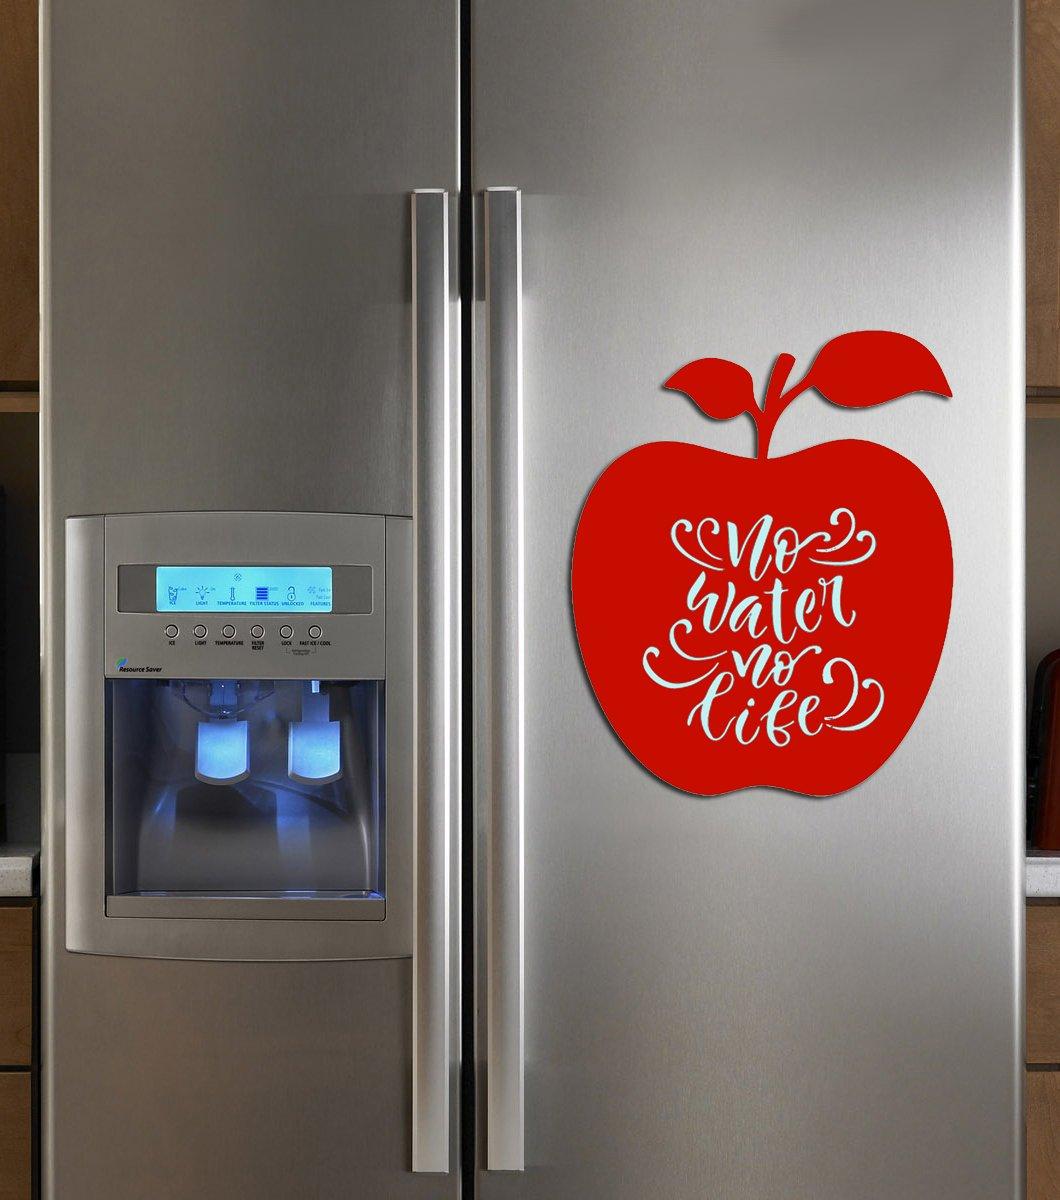 Vinile marcatore lavagna magnetica note Apple (per frigorifero Series) per casa, scuola e ufficio, 29,7cm × 41,9cm (40cm × 30cm) by Becrea Yellow OstOrg Ltd.